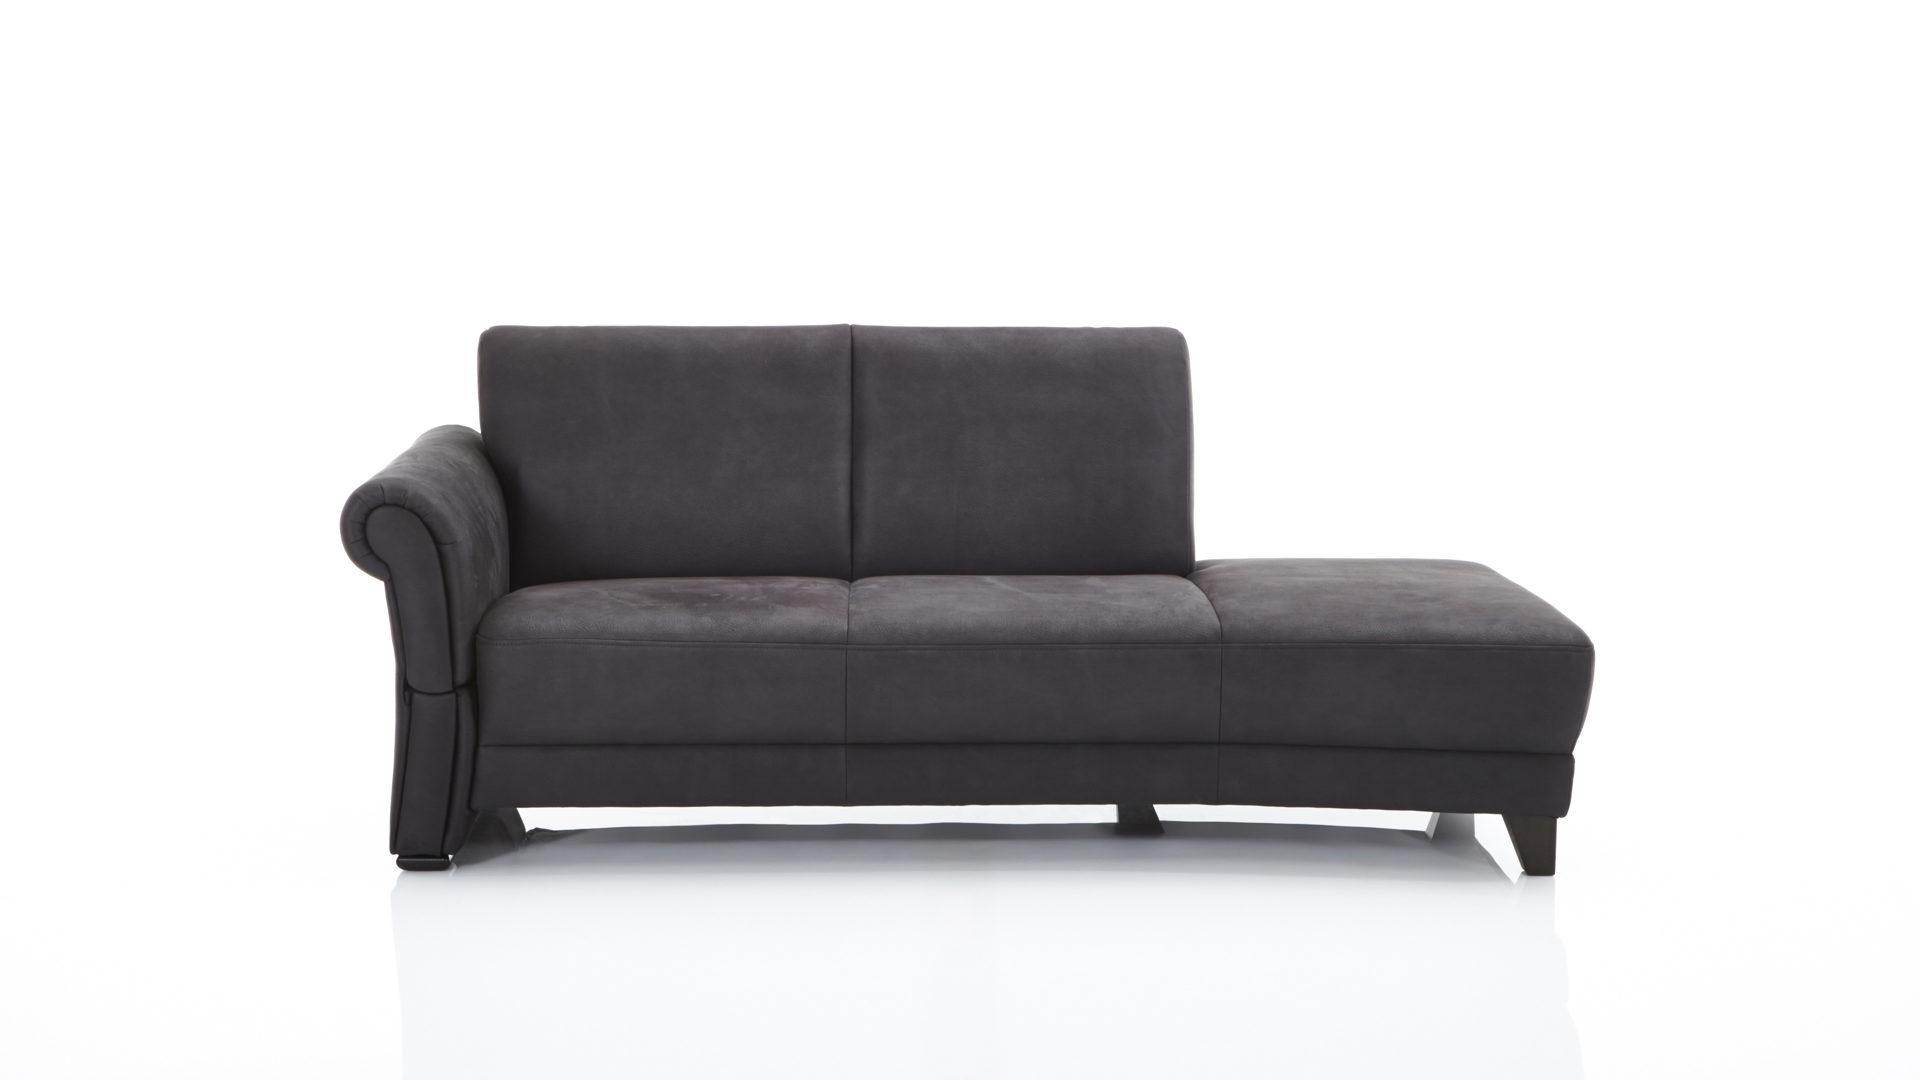 Möbel Bernskötter Mülheim Recamiere Recamiere Recamiere